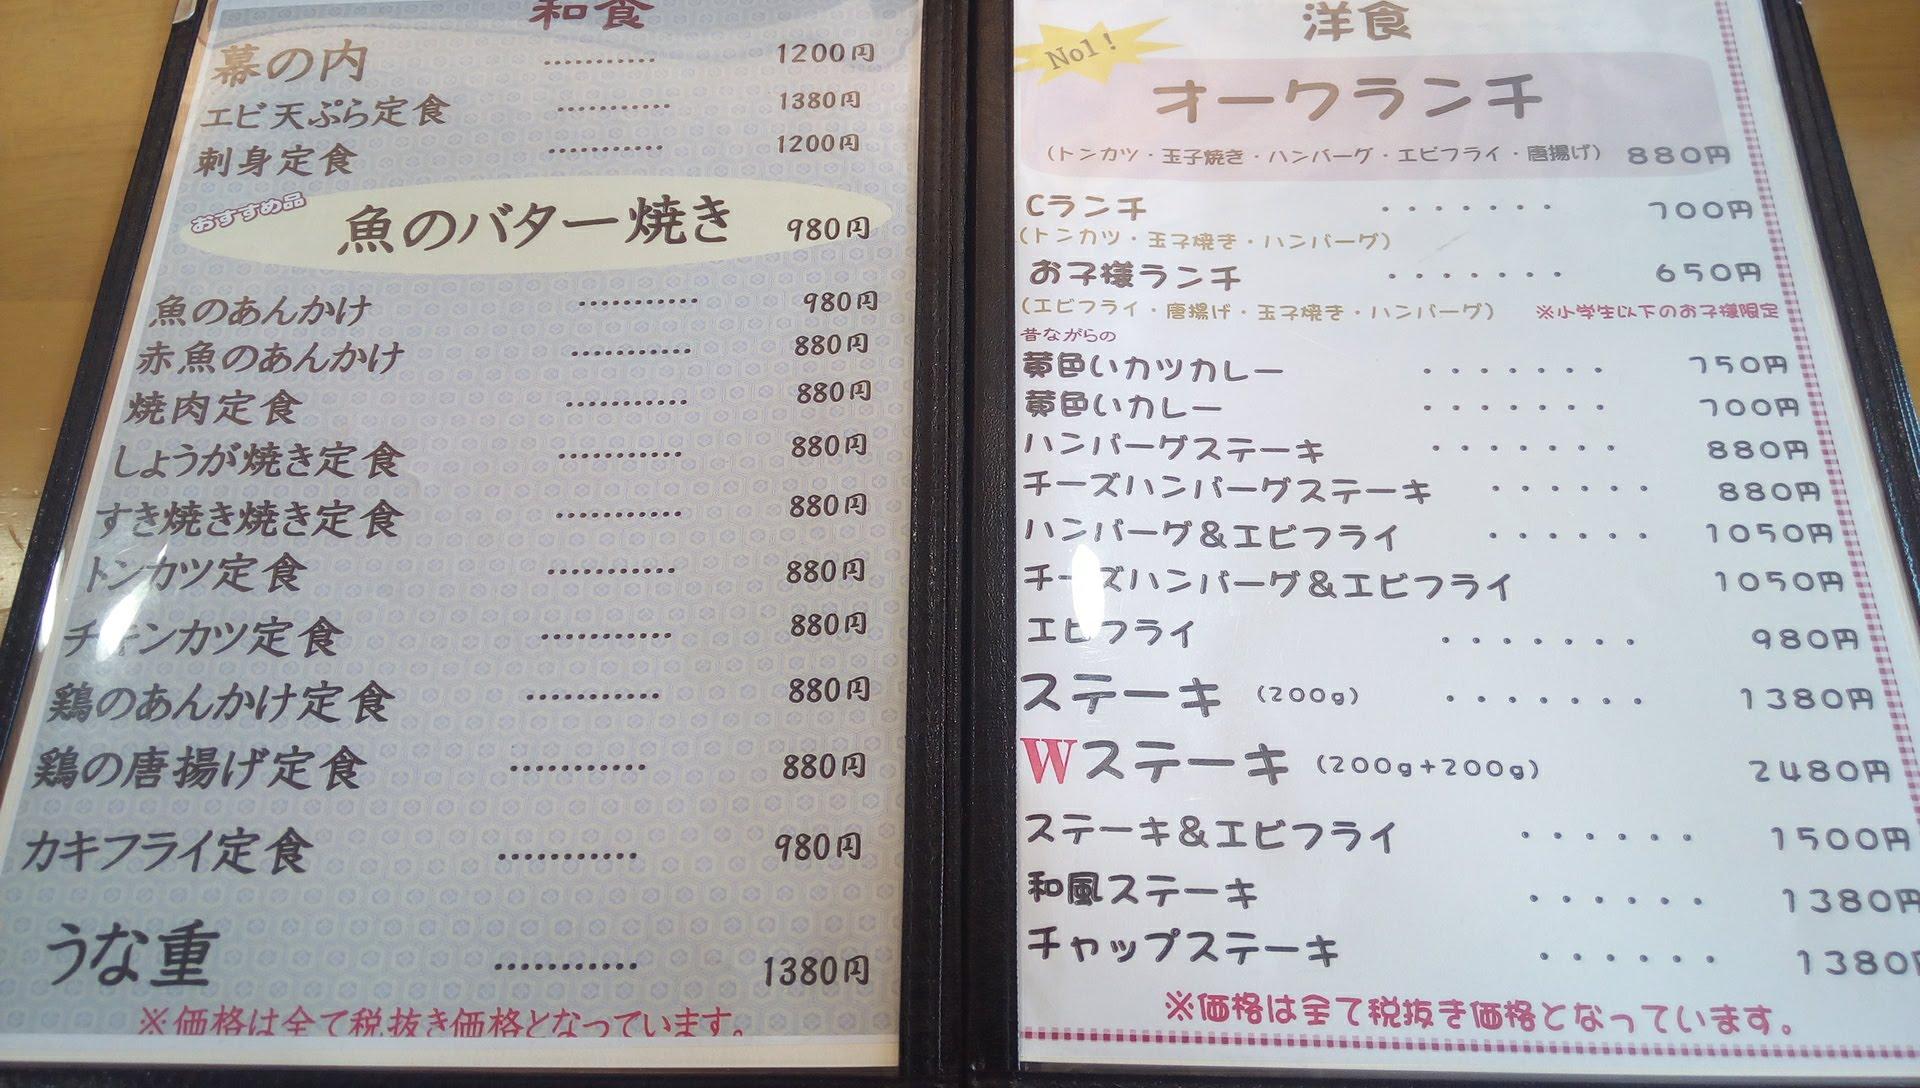 オークレストランのメニュー1